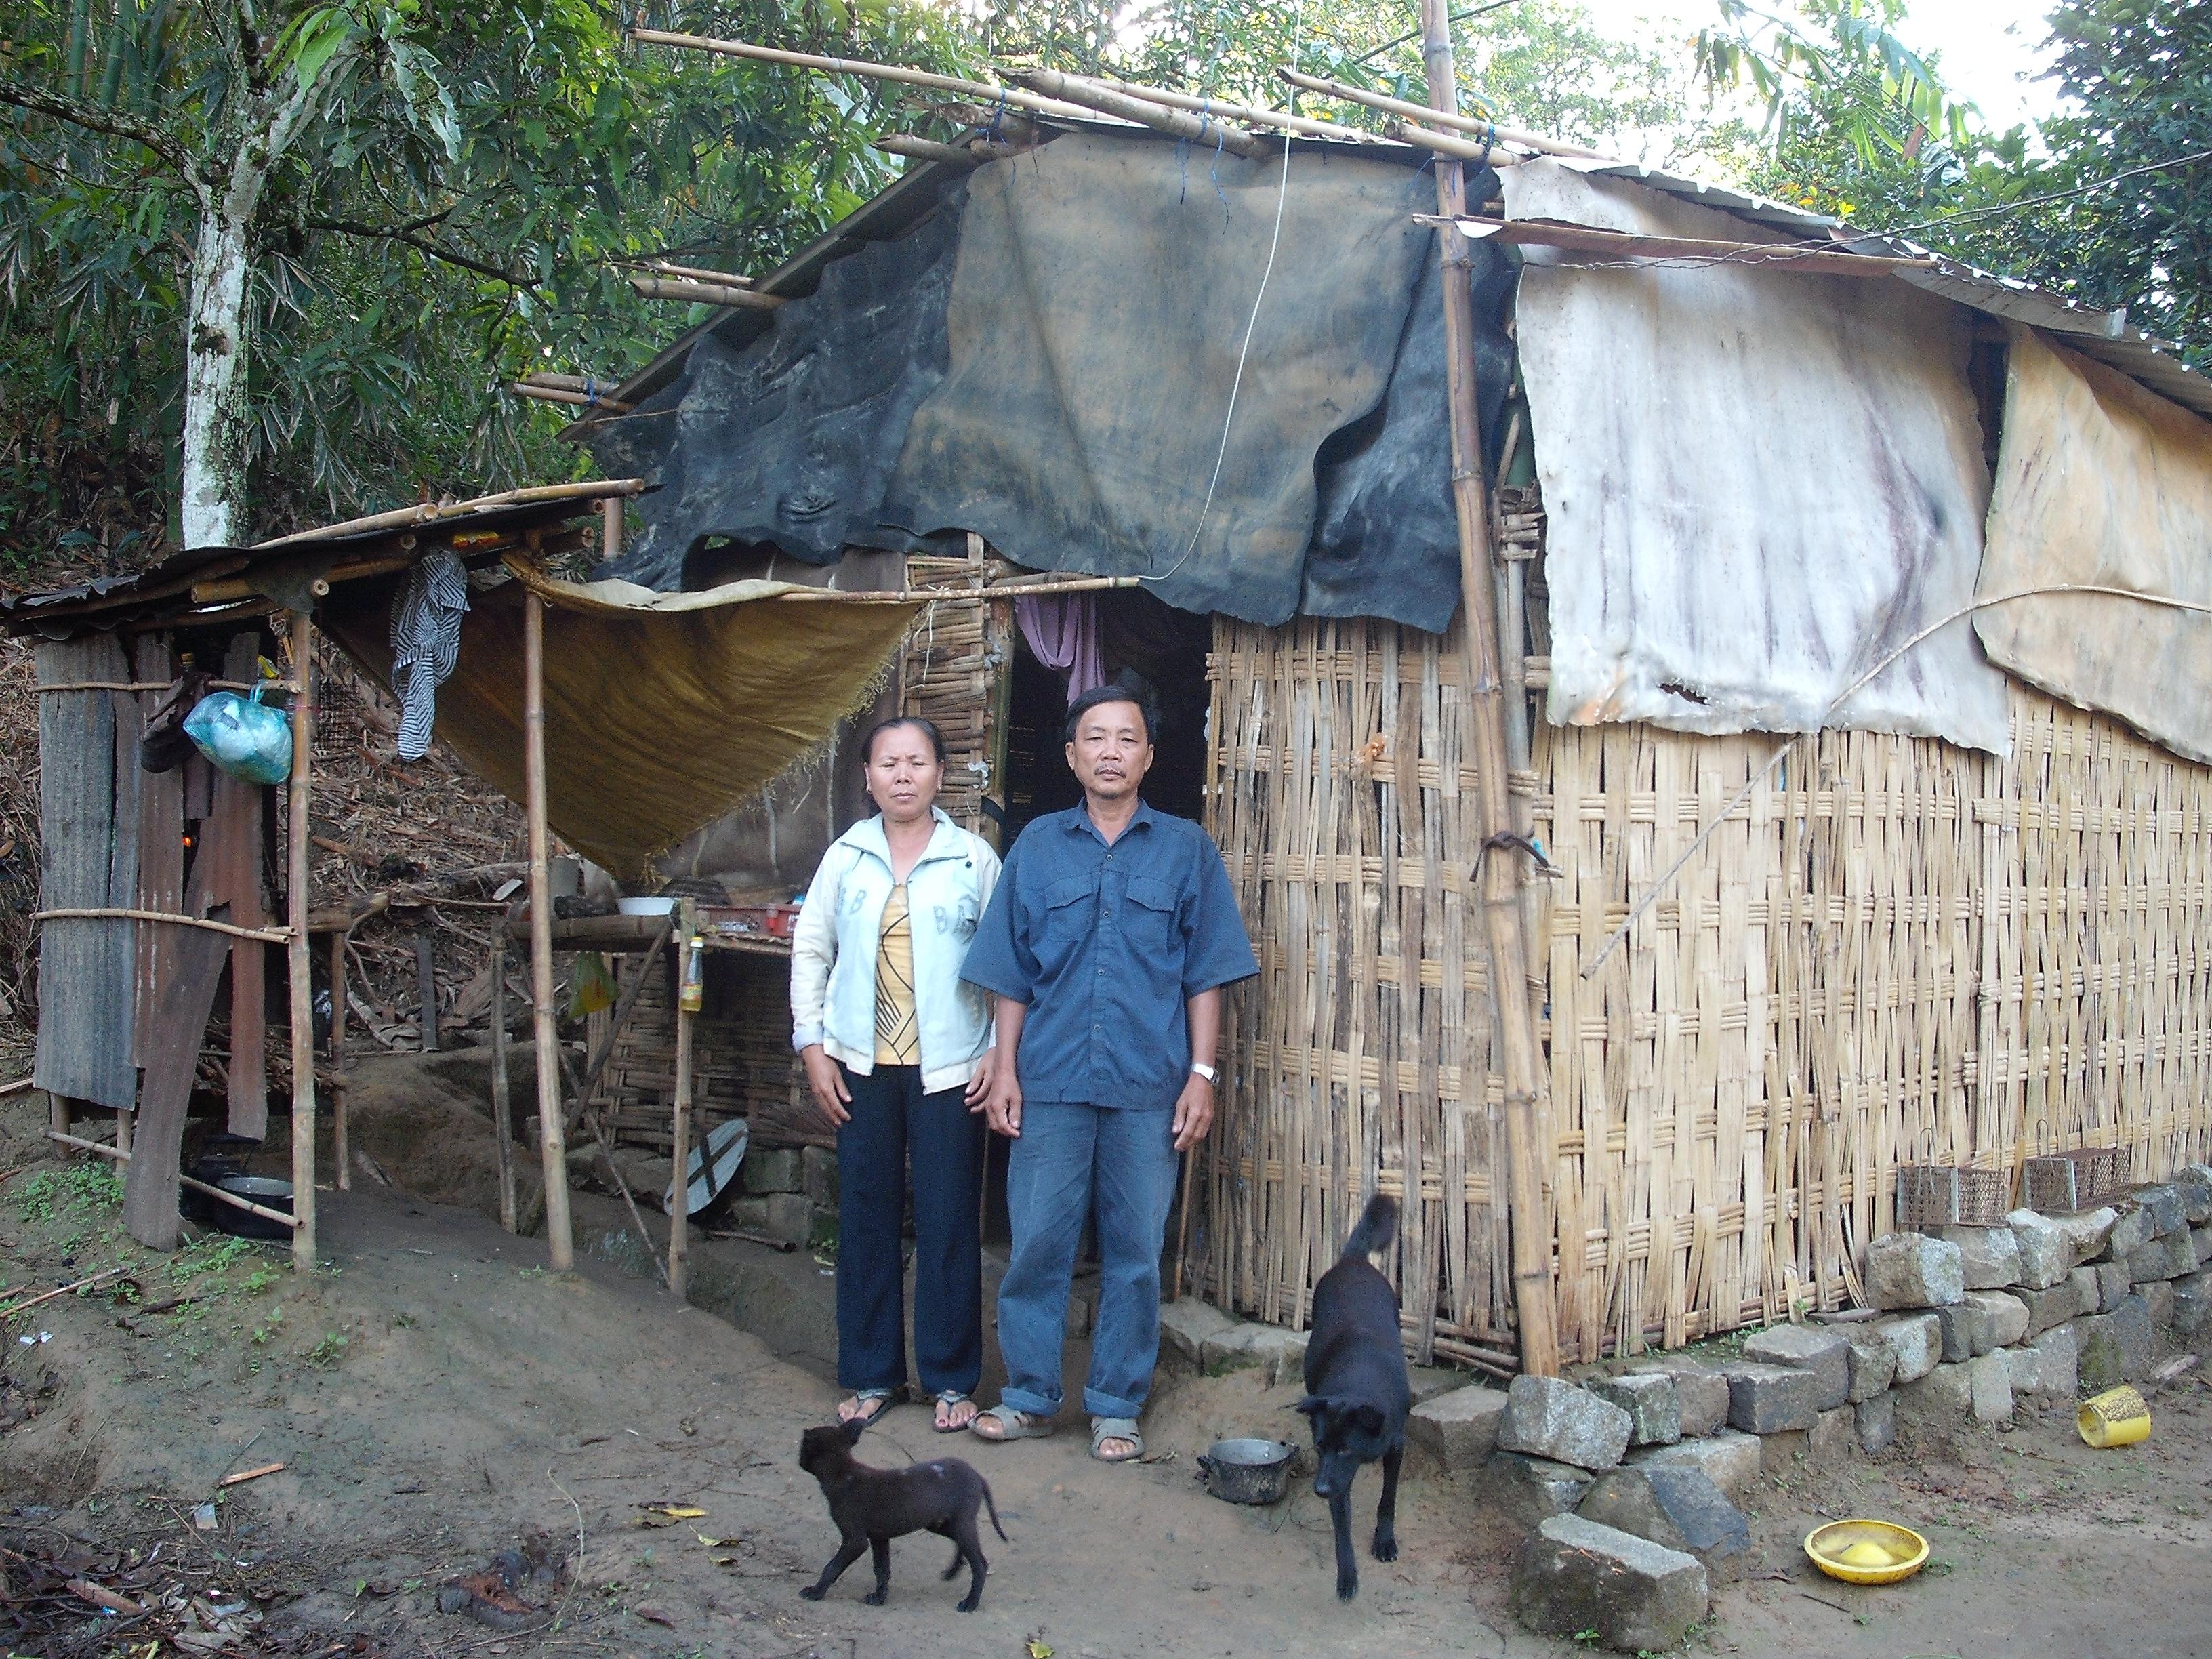 Tín hữu ở Đạ Hoai, Lâm Đồng